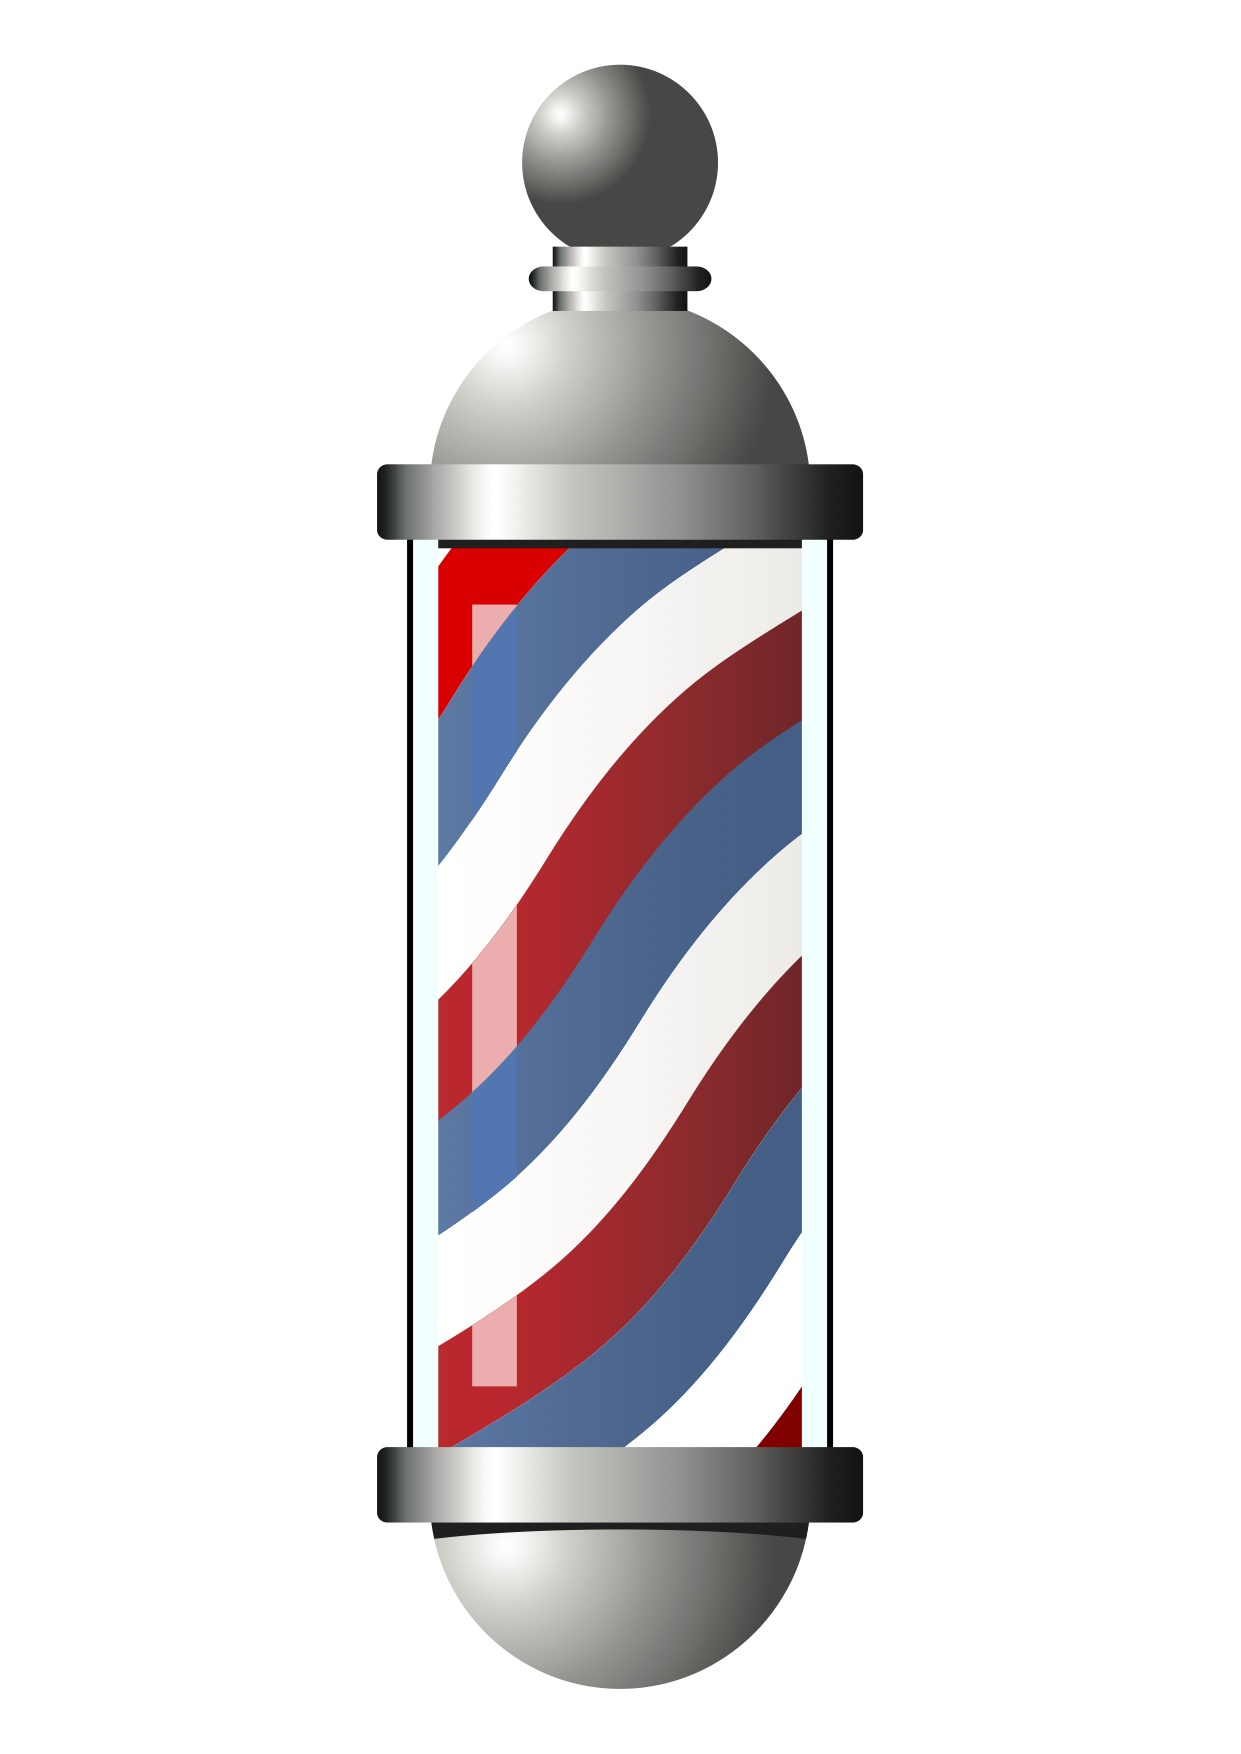 Lampu Barbershop Png : lampu, barbershop, Library, Banner, Download, Barber, Files, ▻▻▻, Clipart